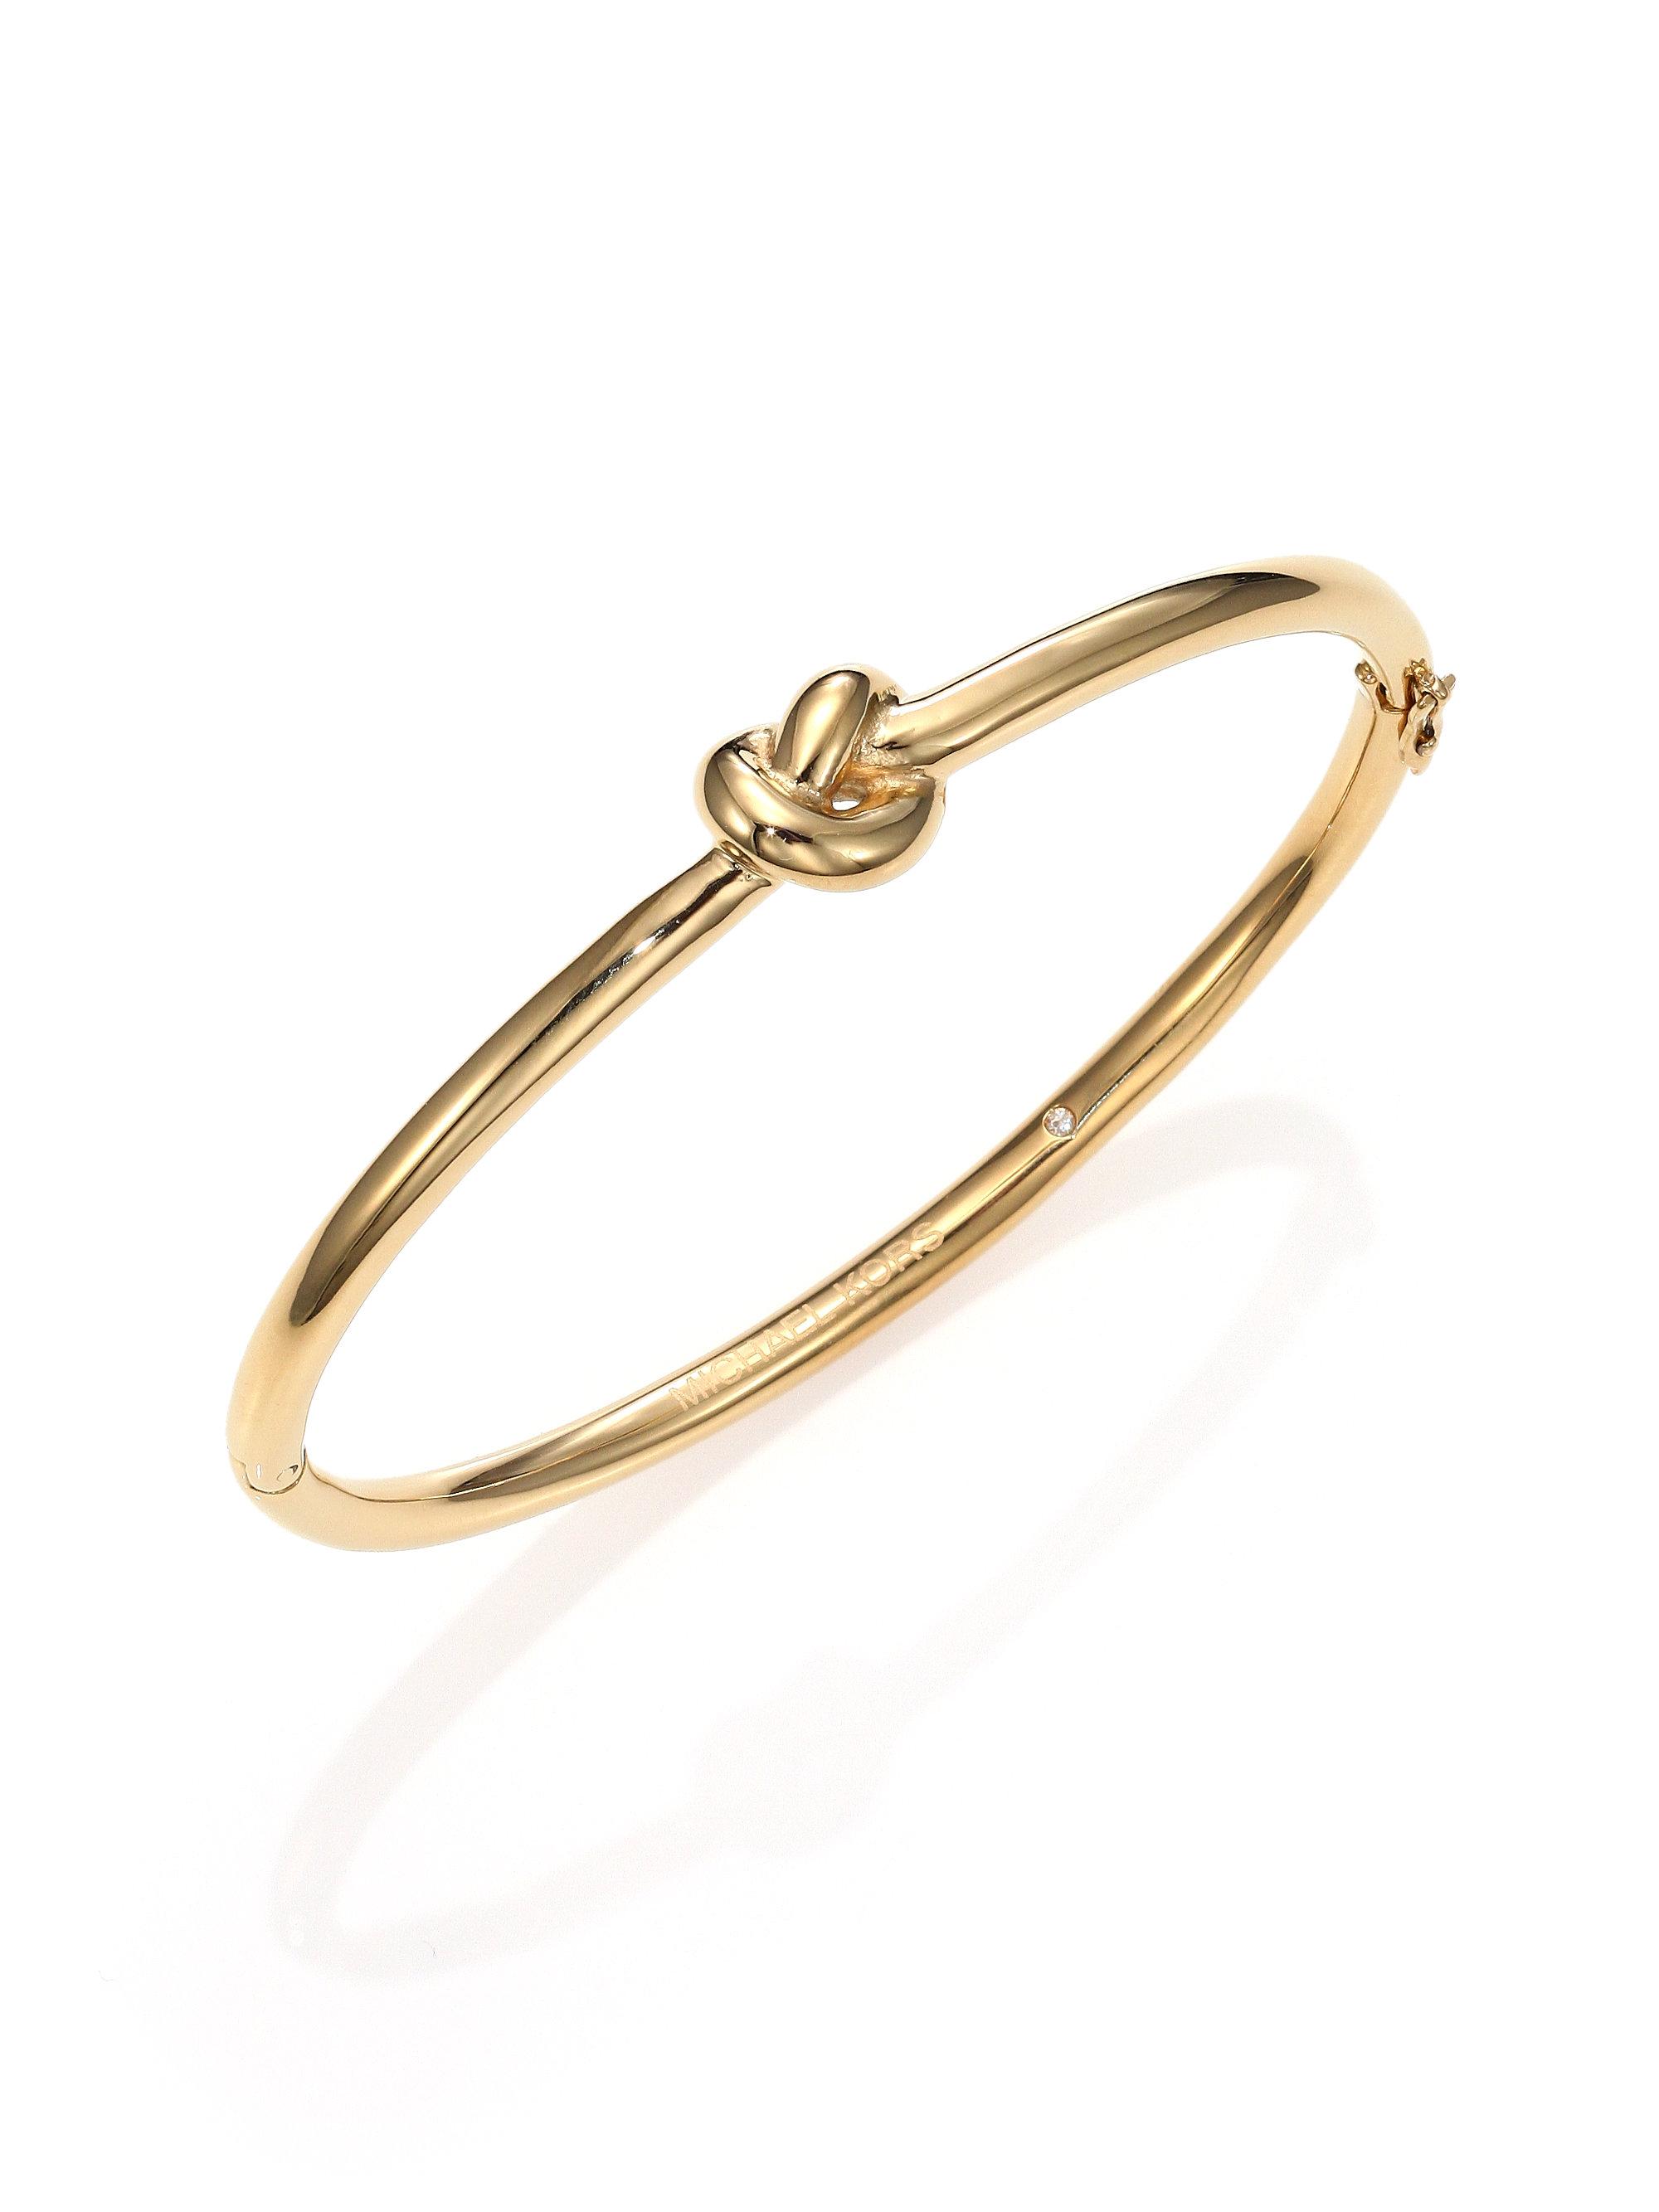 michael kors brilliance knots bangle bracelet goldtone in. Black Bedroom Furniture Sets. Home Design Ideas